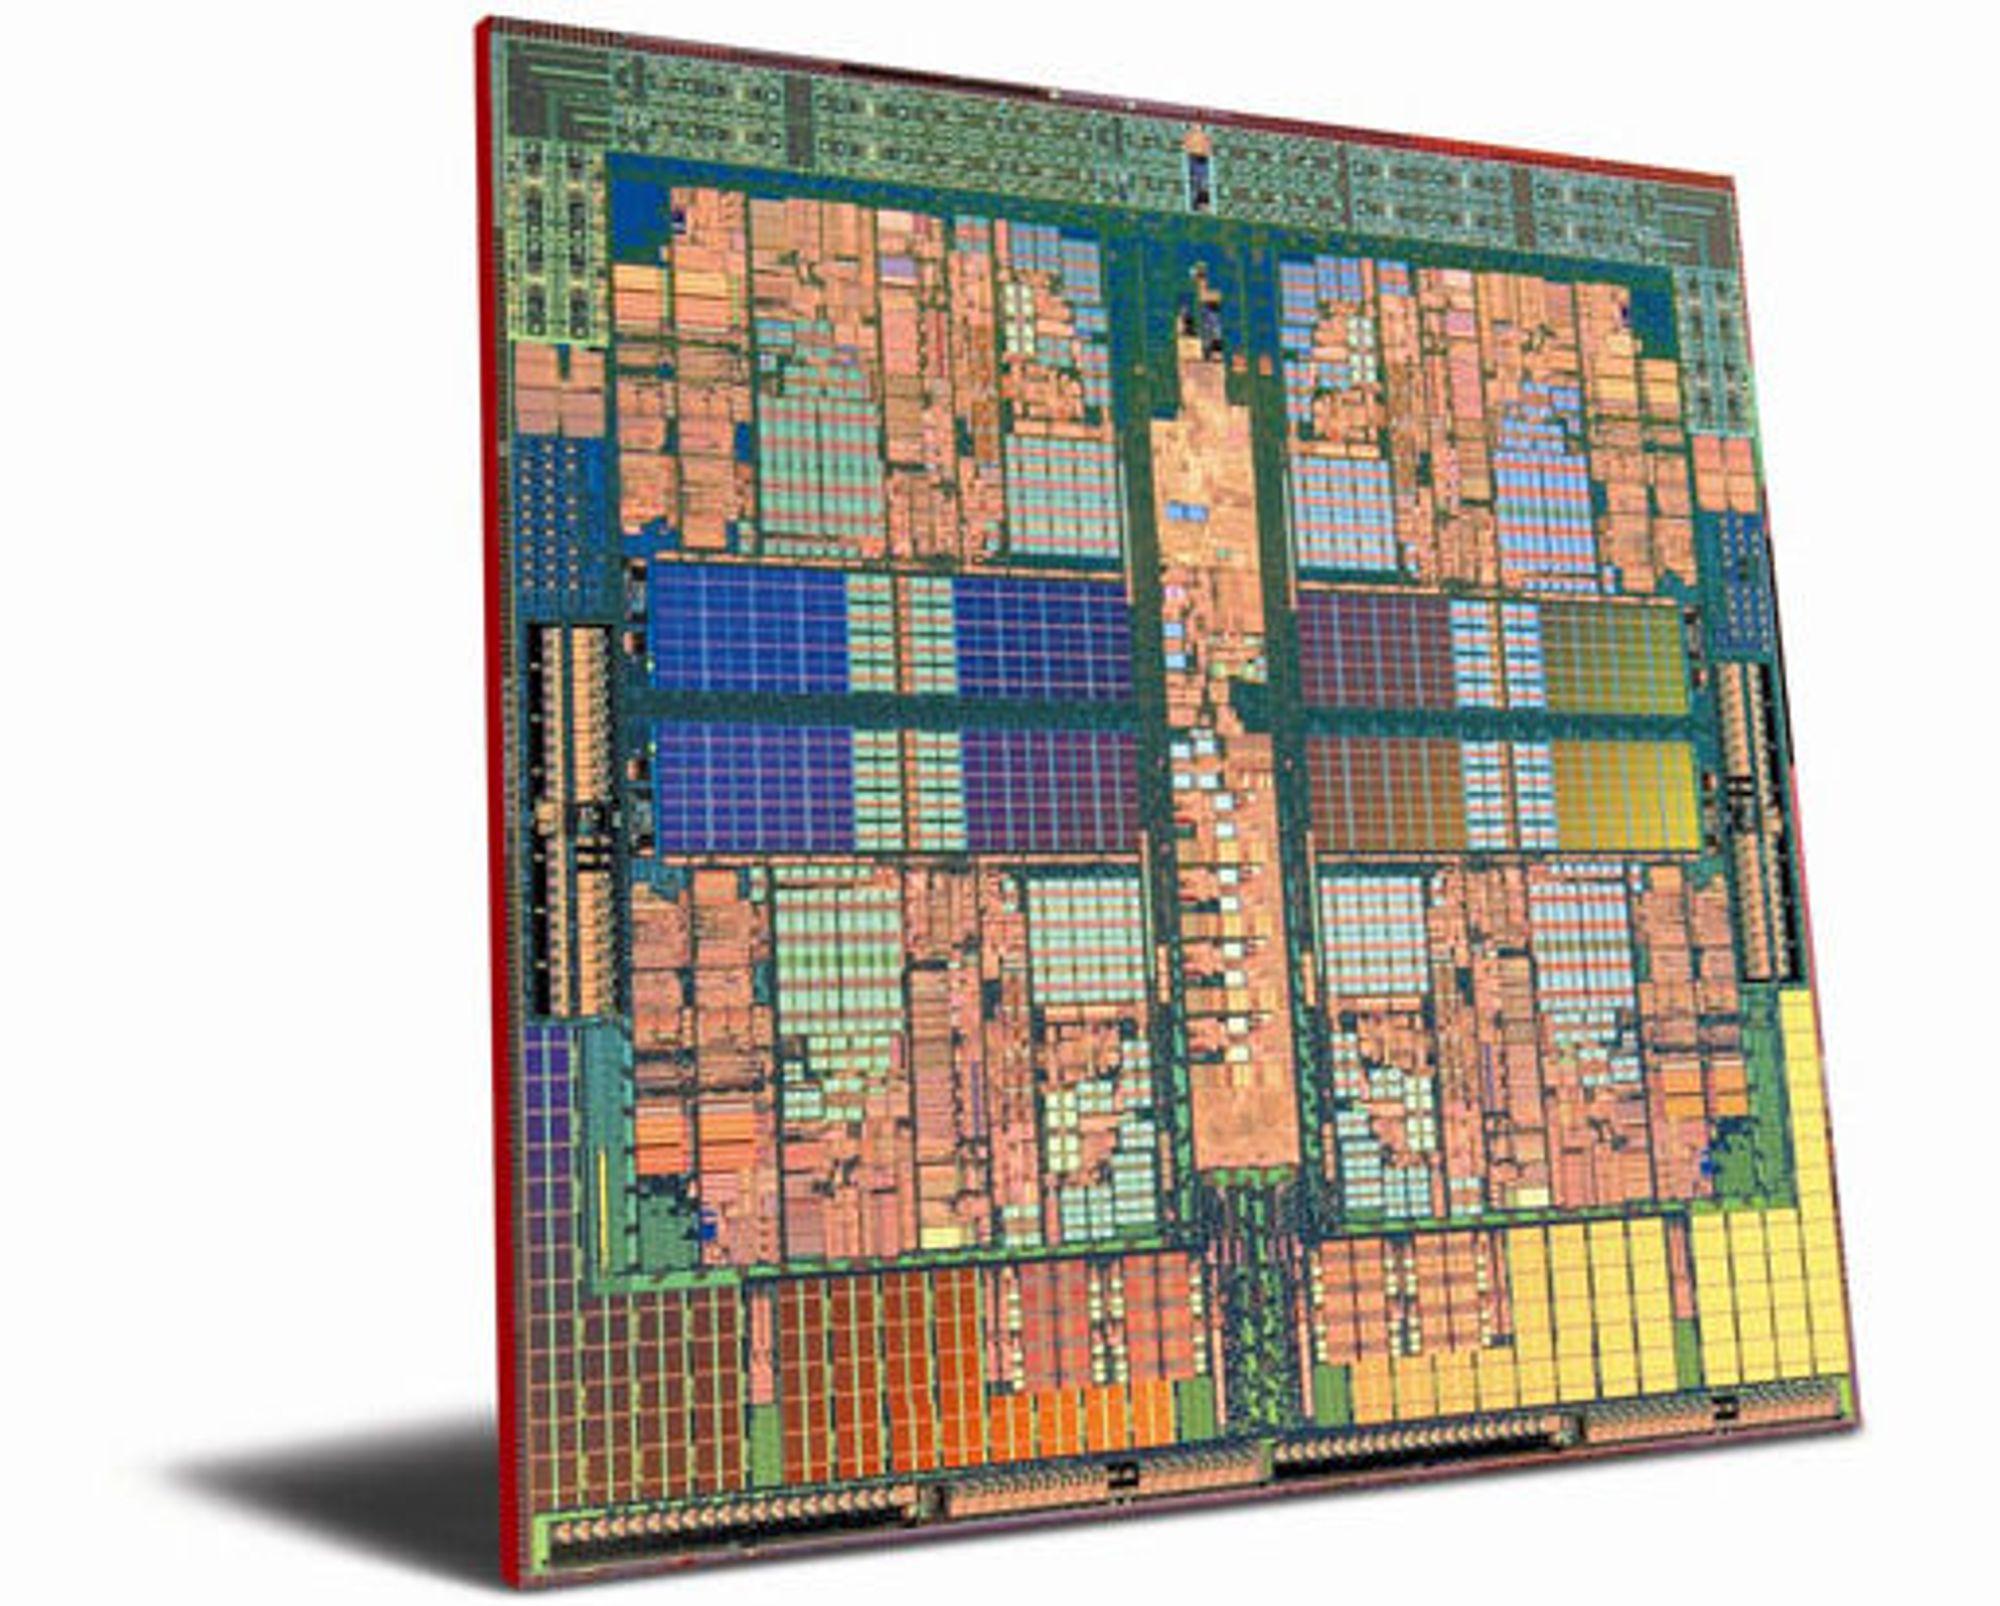 Bildet viser Phenom, som i første generasjon lages med 65 nm